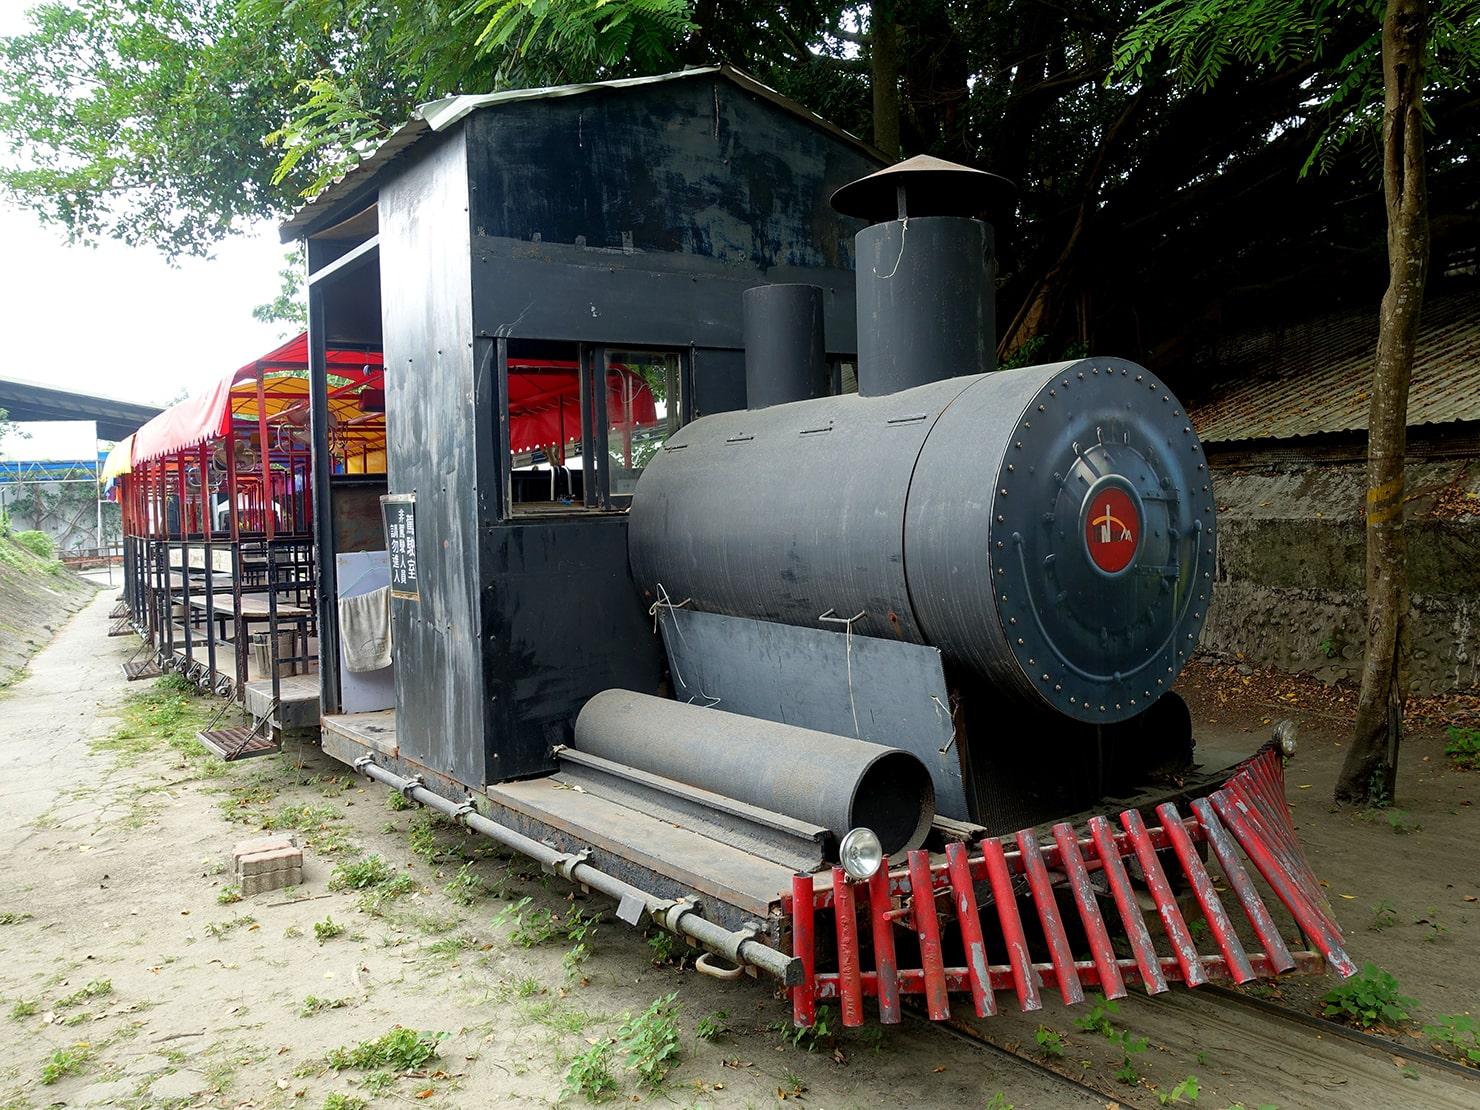 台南市街郊外のおすすめ観光スポット「十鼓仁糖文化園區」の園内を走る列車